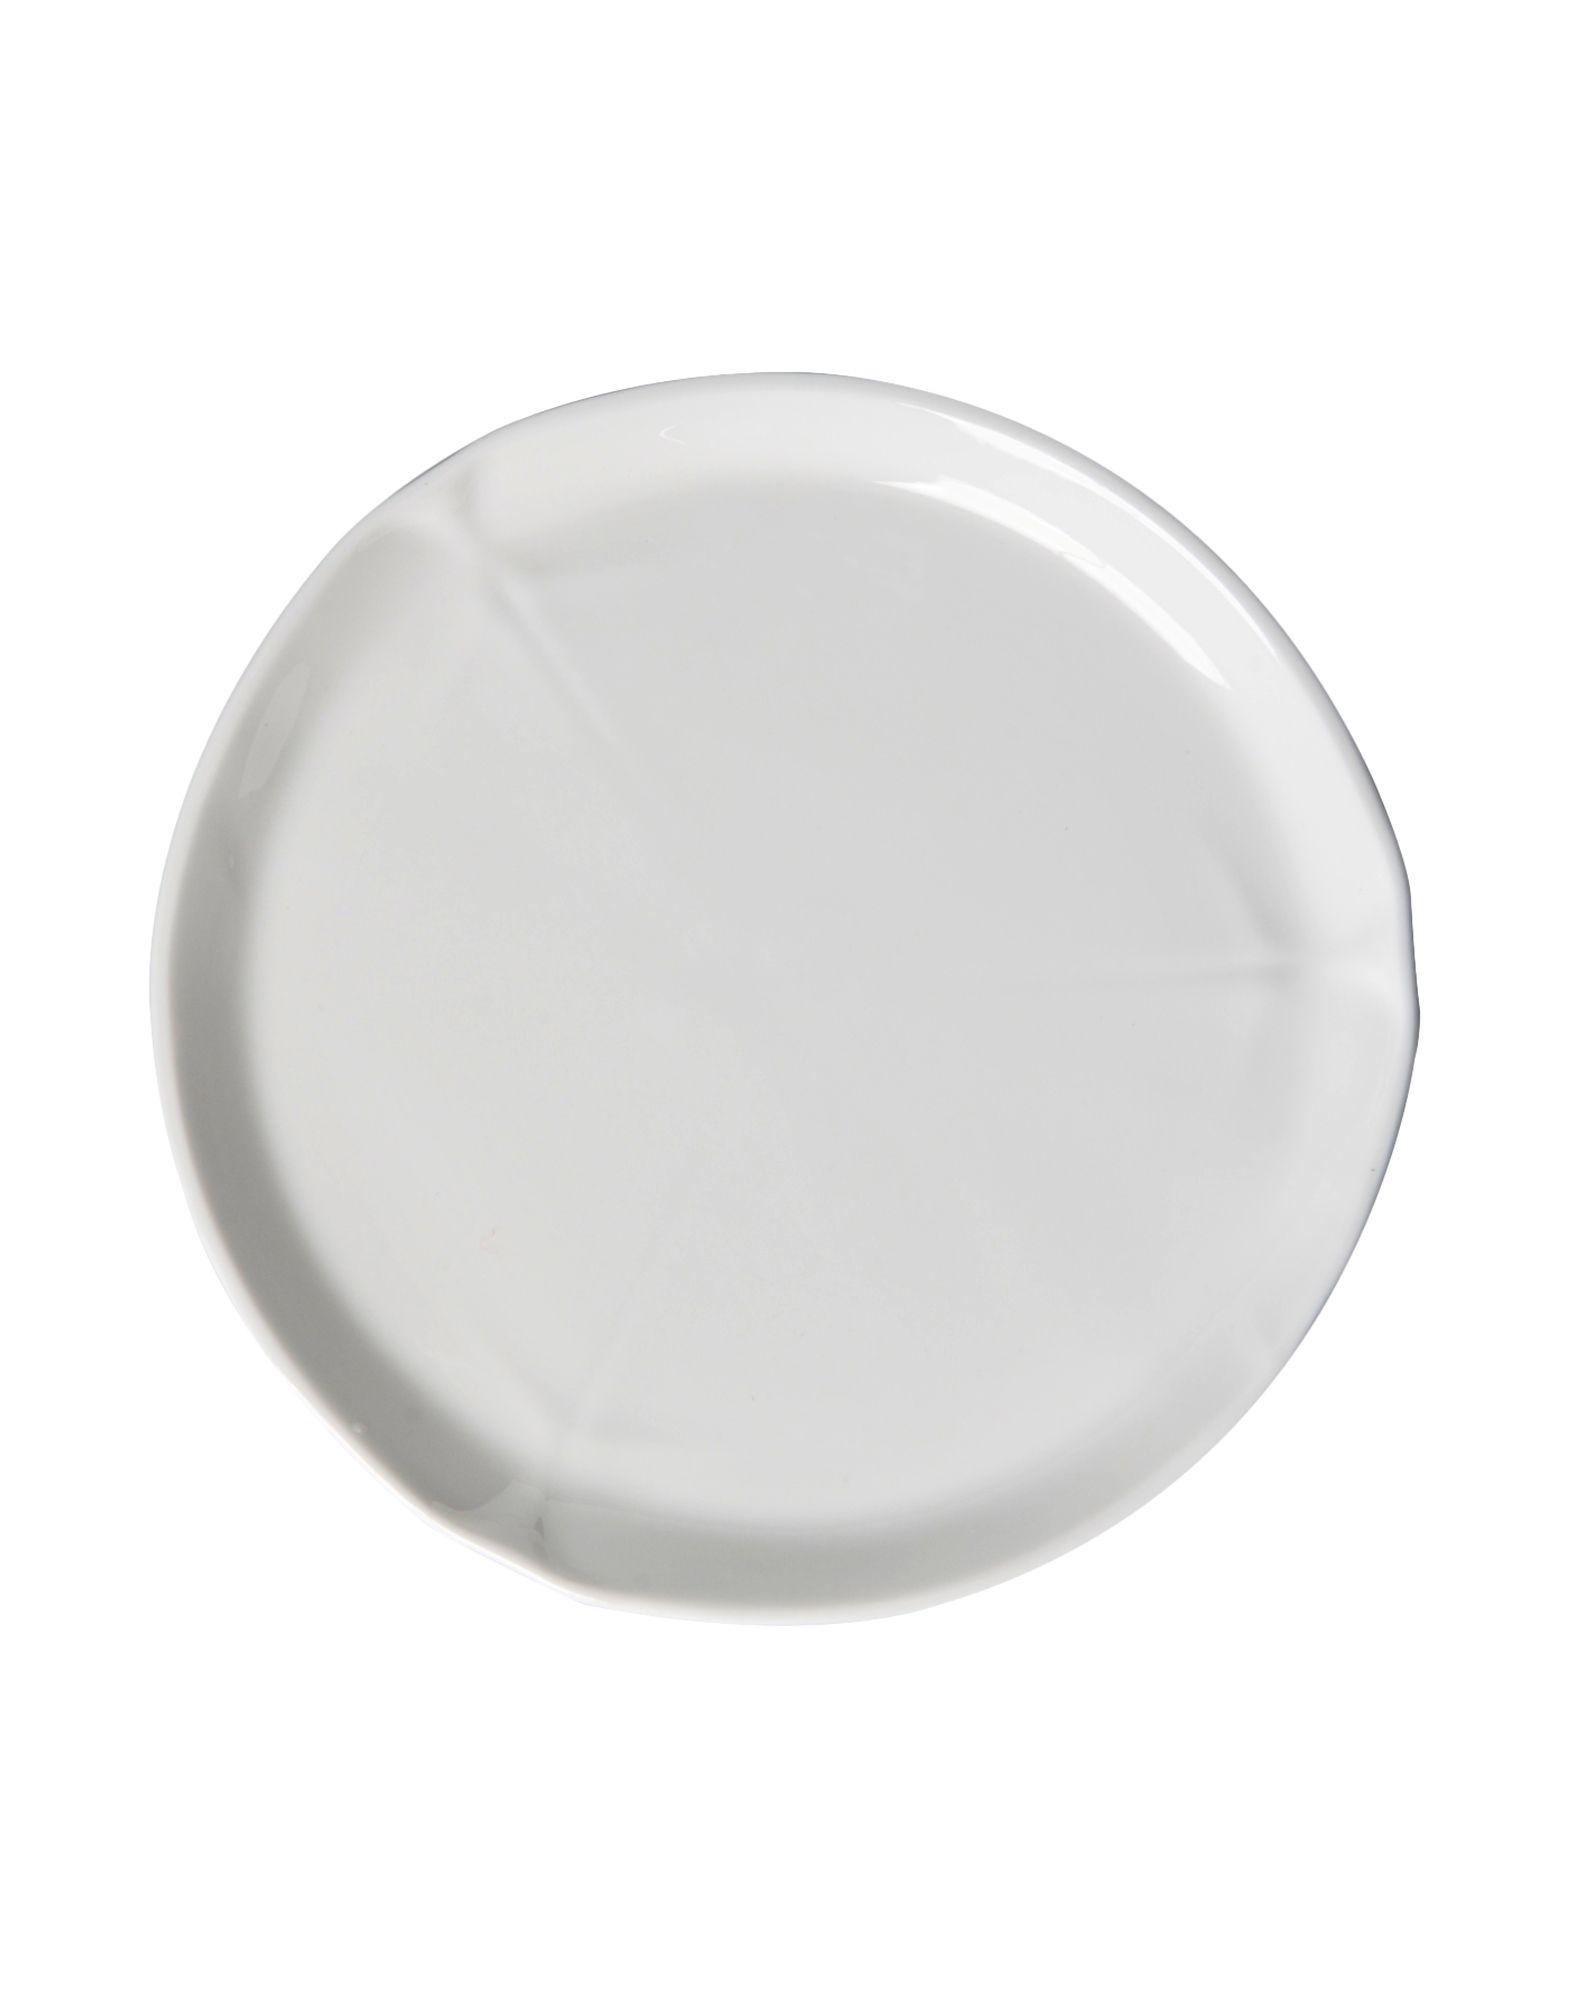 ZAHA HADID DESIGN Блюдо zaha hadid pierres vives